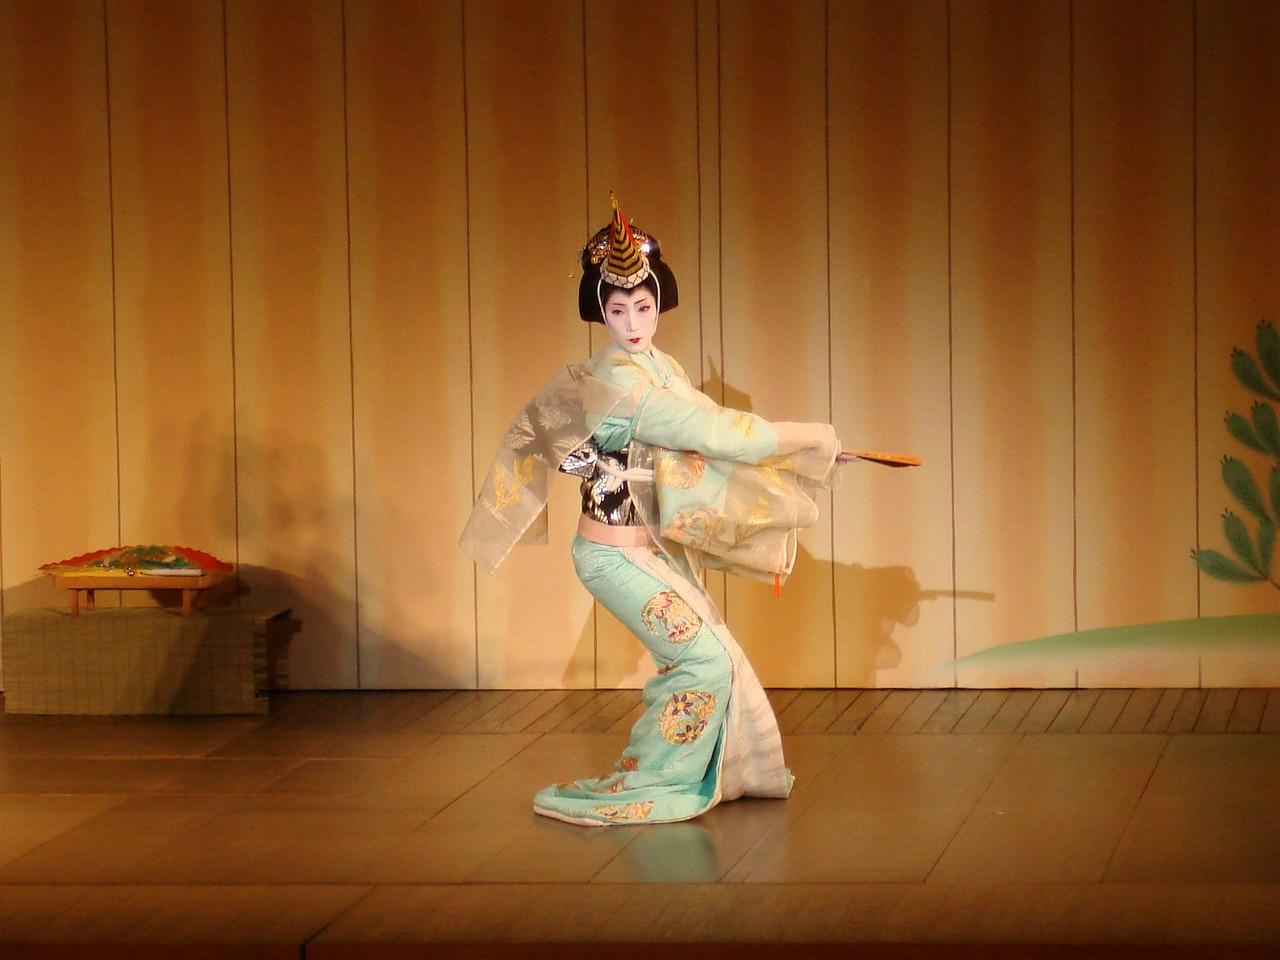 японский танец в картинках игрушки намекает тихое